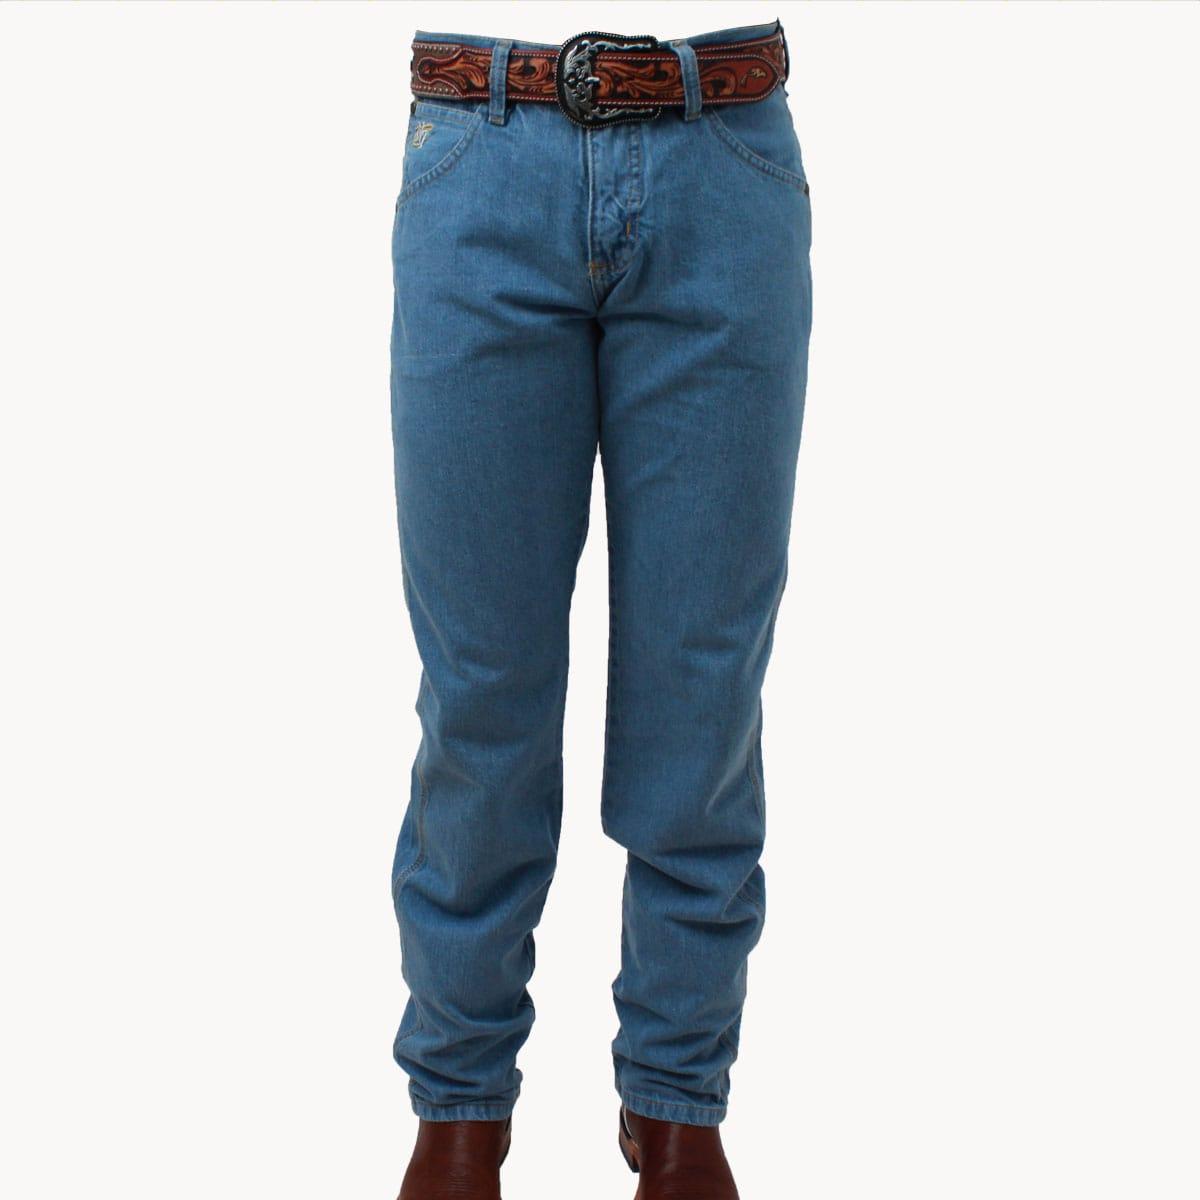 Calça Jeans Masculina Nossa Terra Delavê